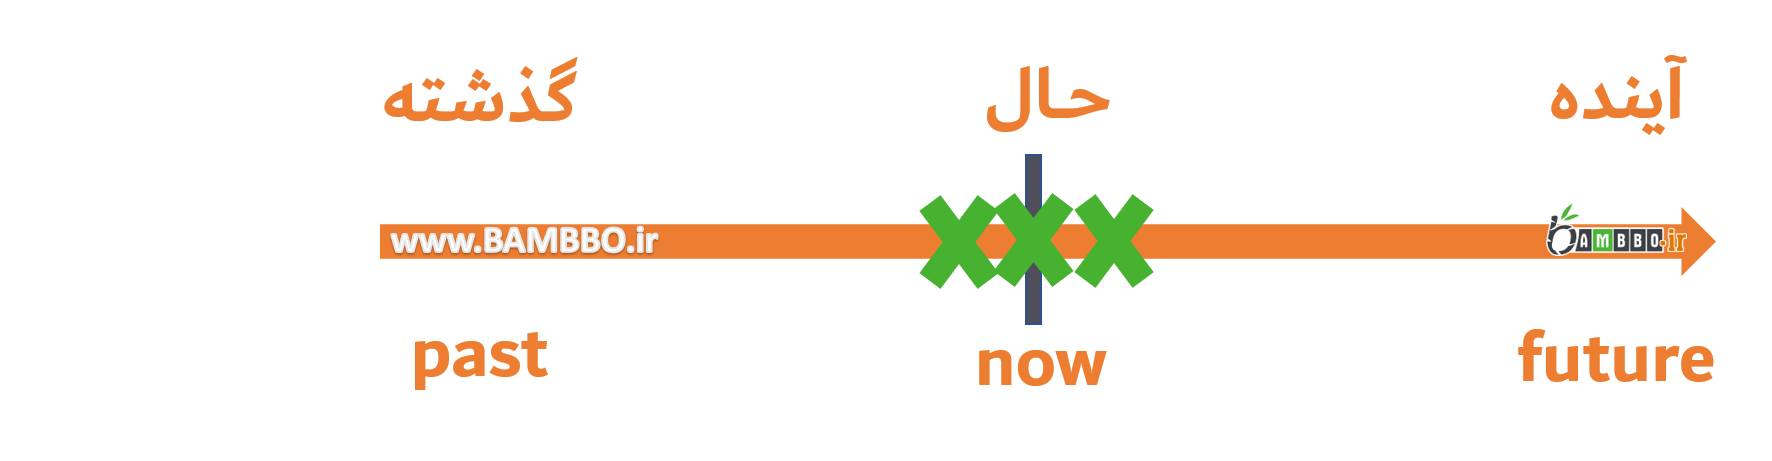 زمان حال ساده در زبان انگلیسی- بامبو دات آی آر